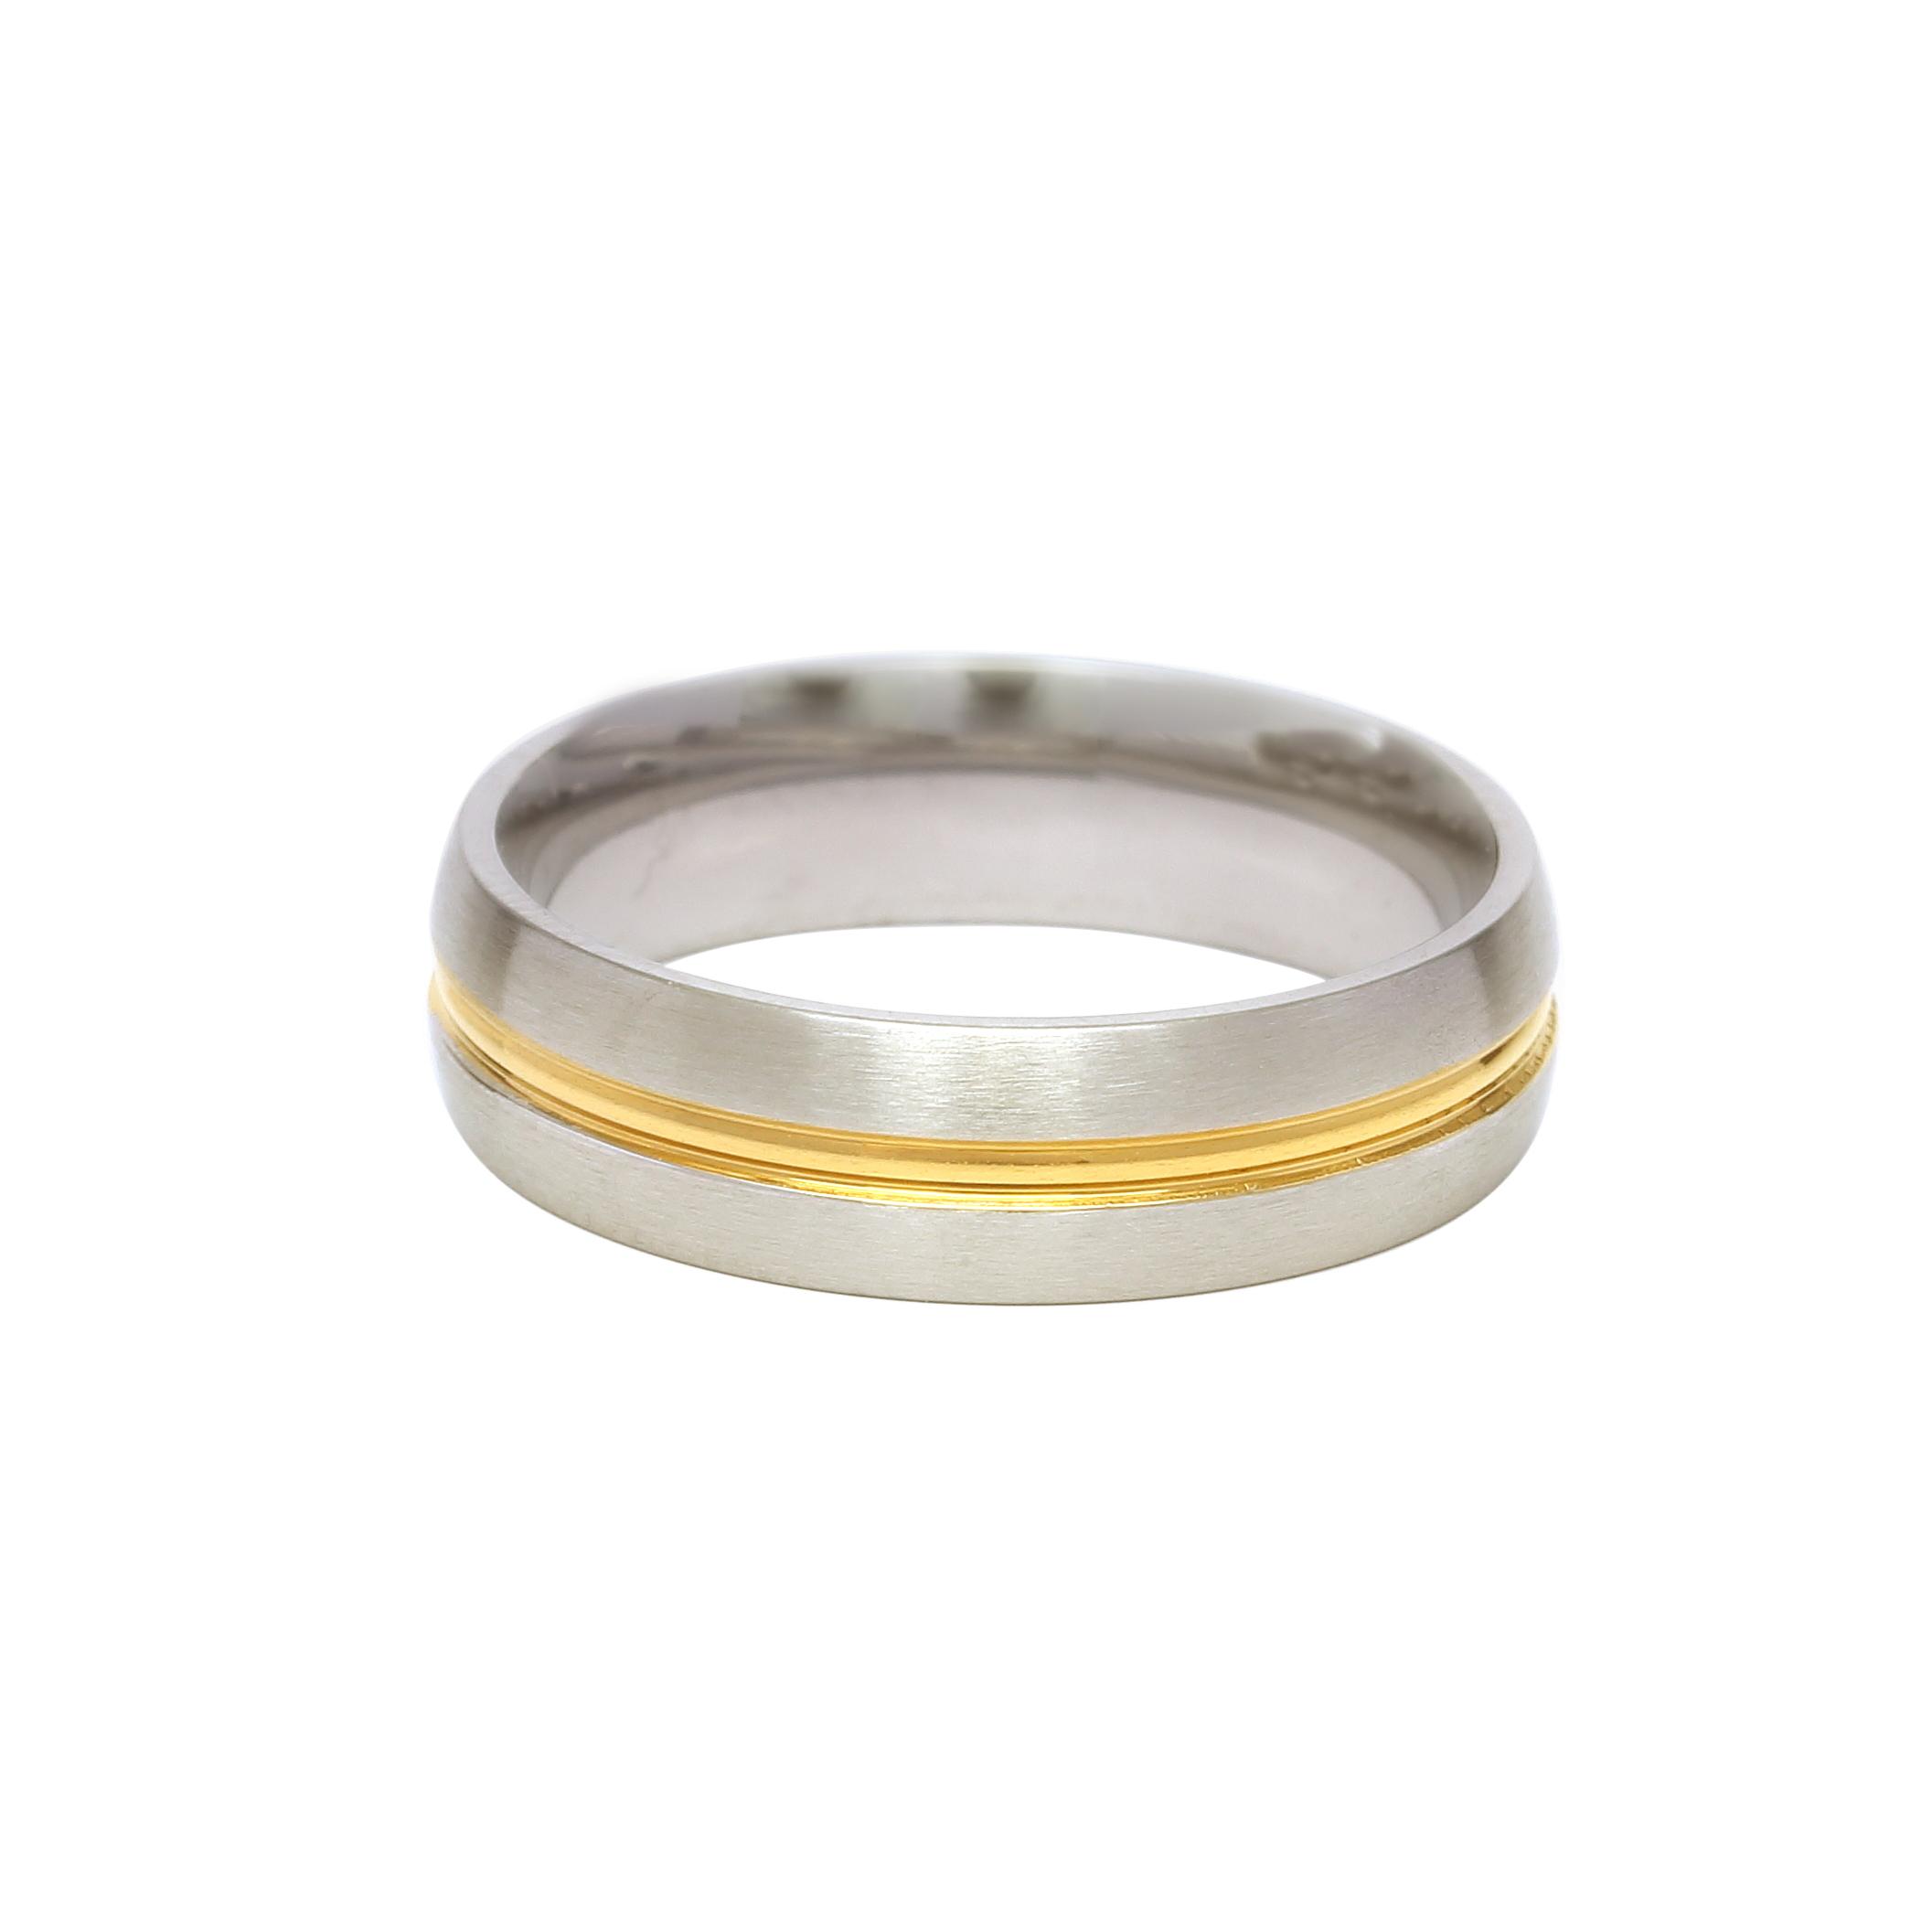 Сватбена халка от бяло злато с тънка декоративна ивица от жълто злато.